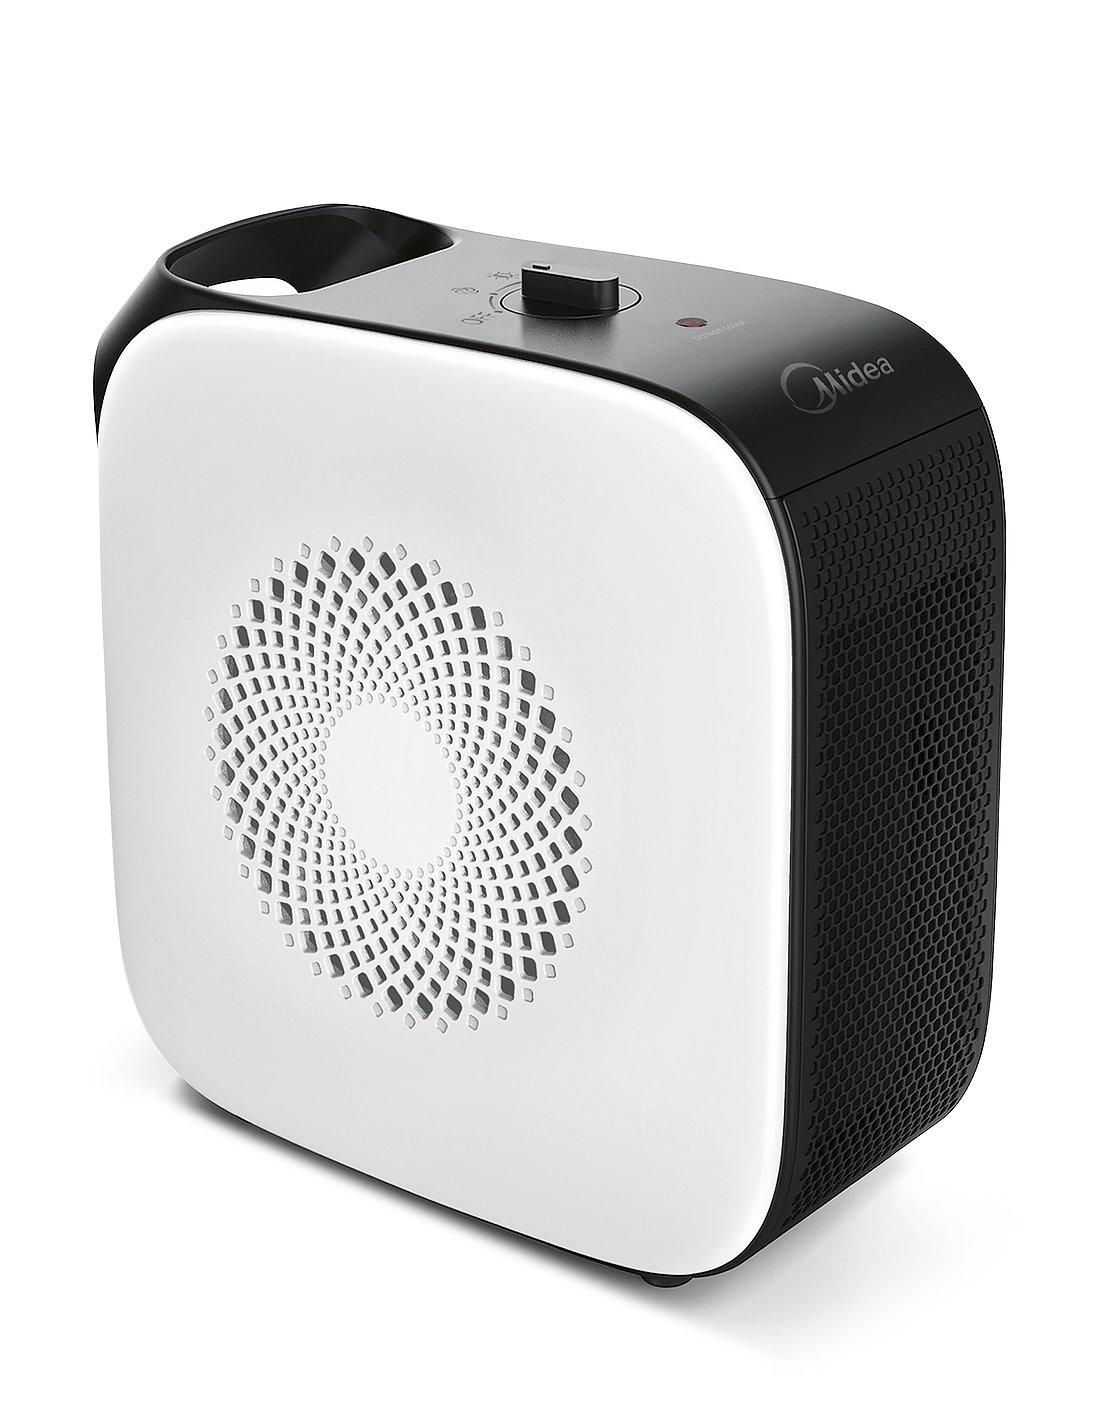 Cobble Stone | Red Dot Design Award